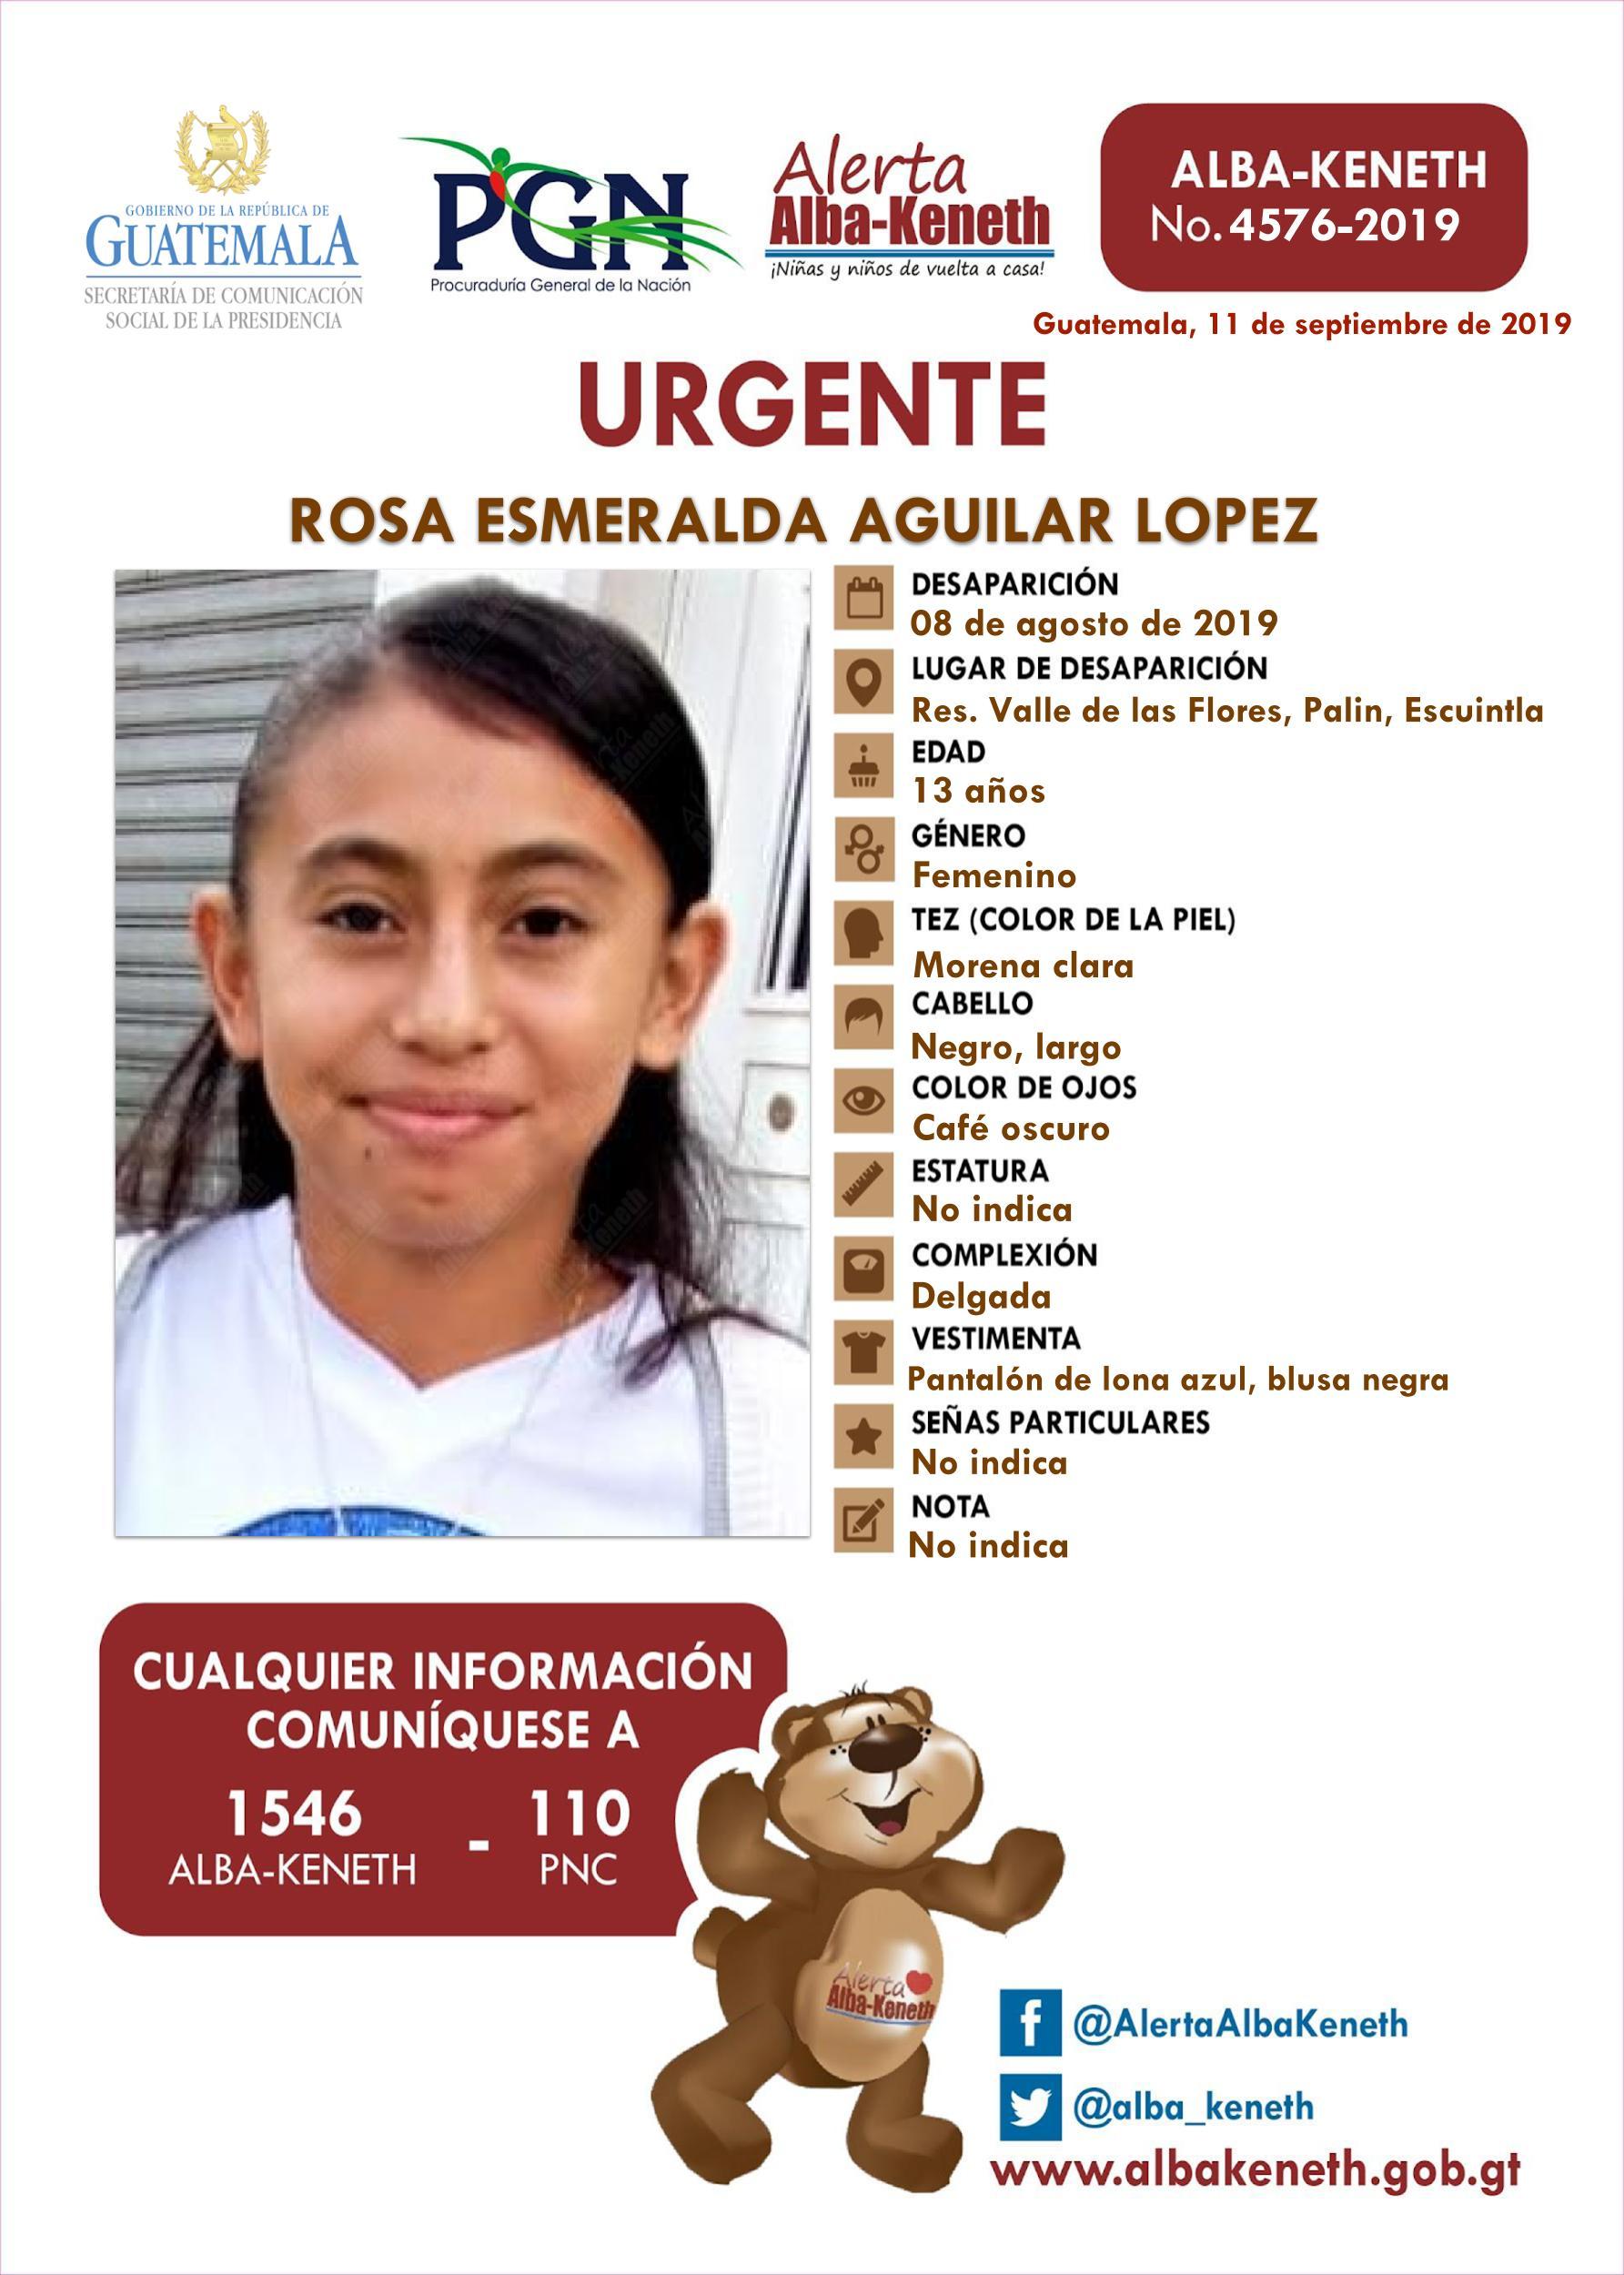 Rosa Esmeralda Aguilar Lopez